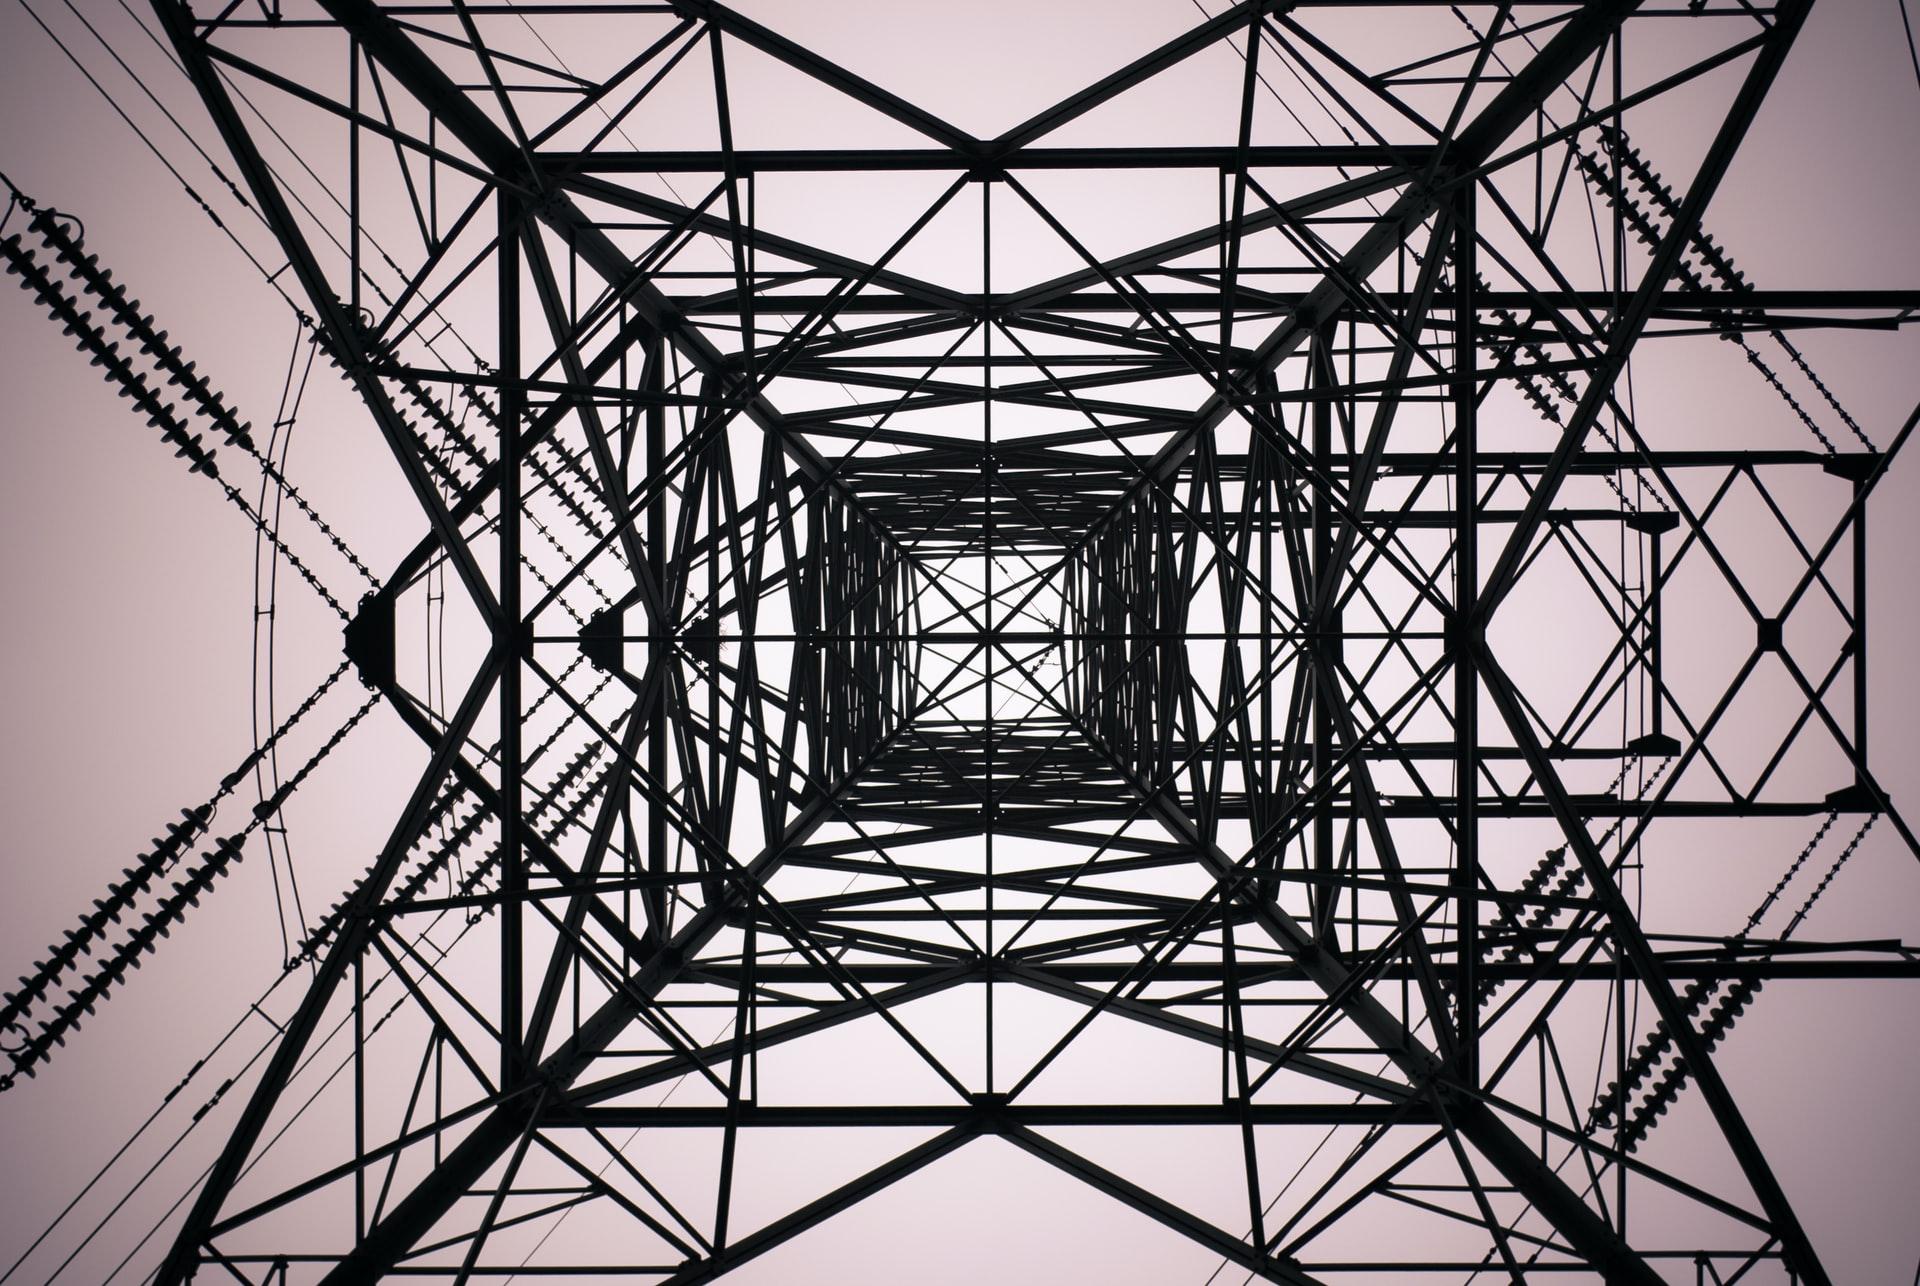 como-saber-si-la-potencia-electrica-de-tu-negocio-es-correcta